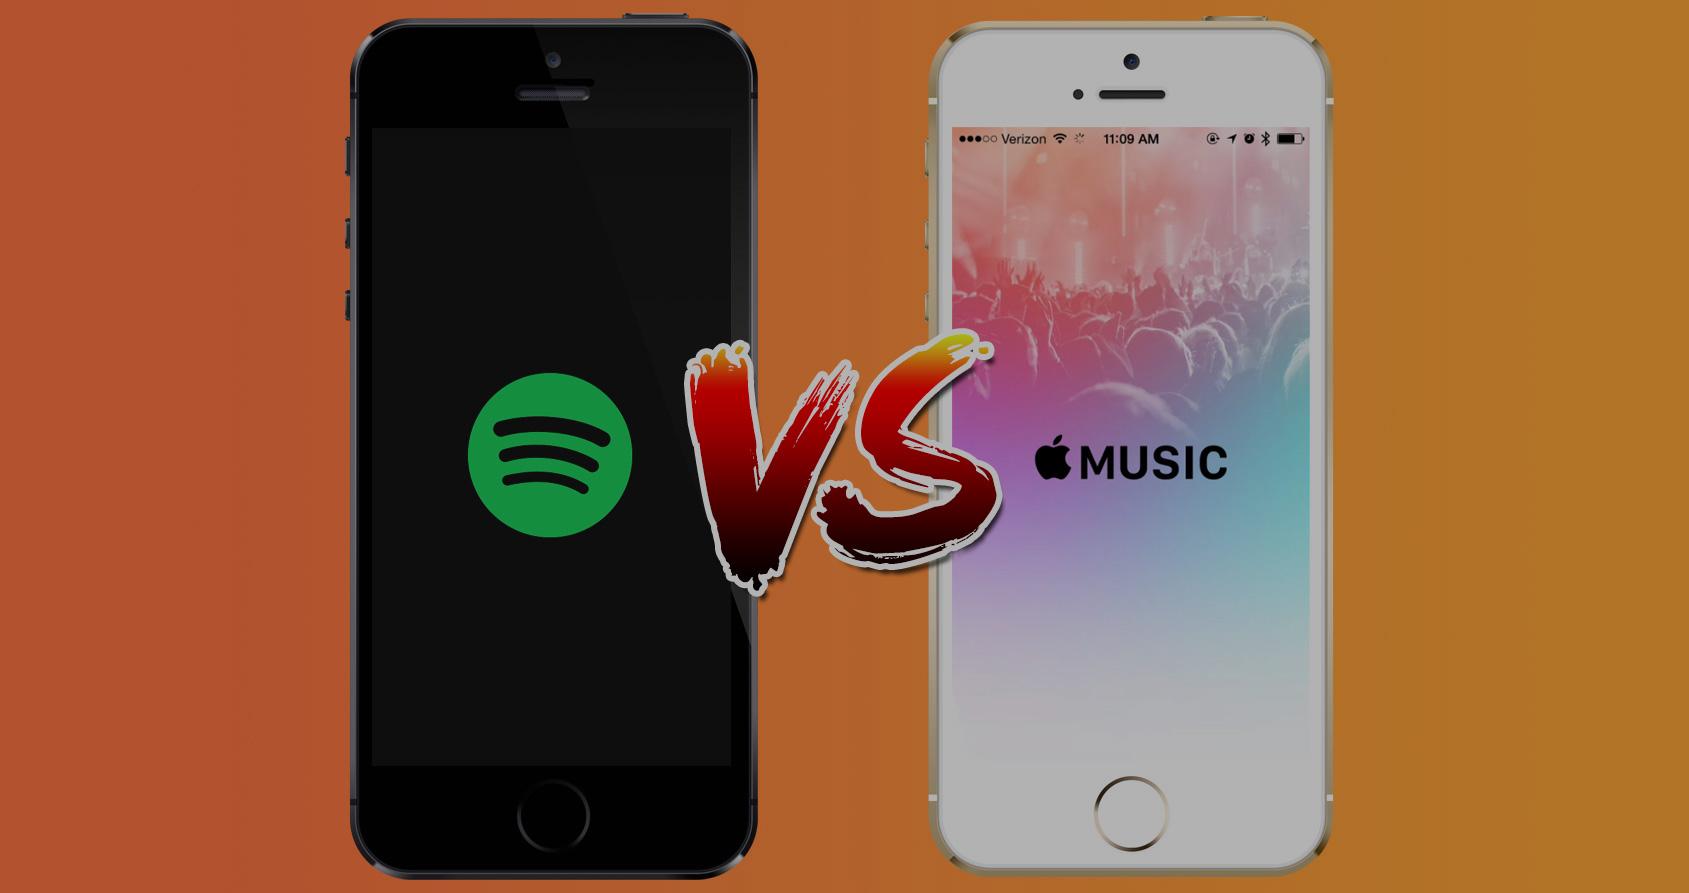 Comment Spotify a résisté à Apple Music